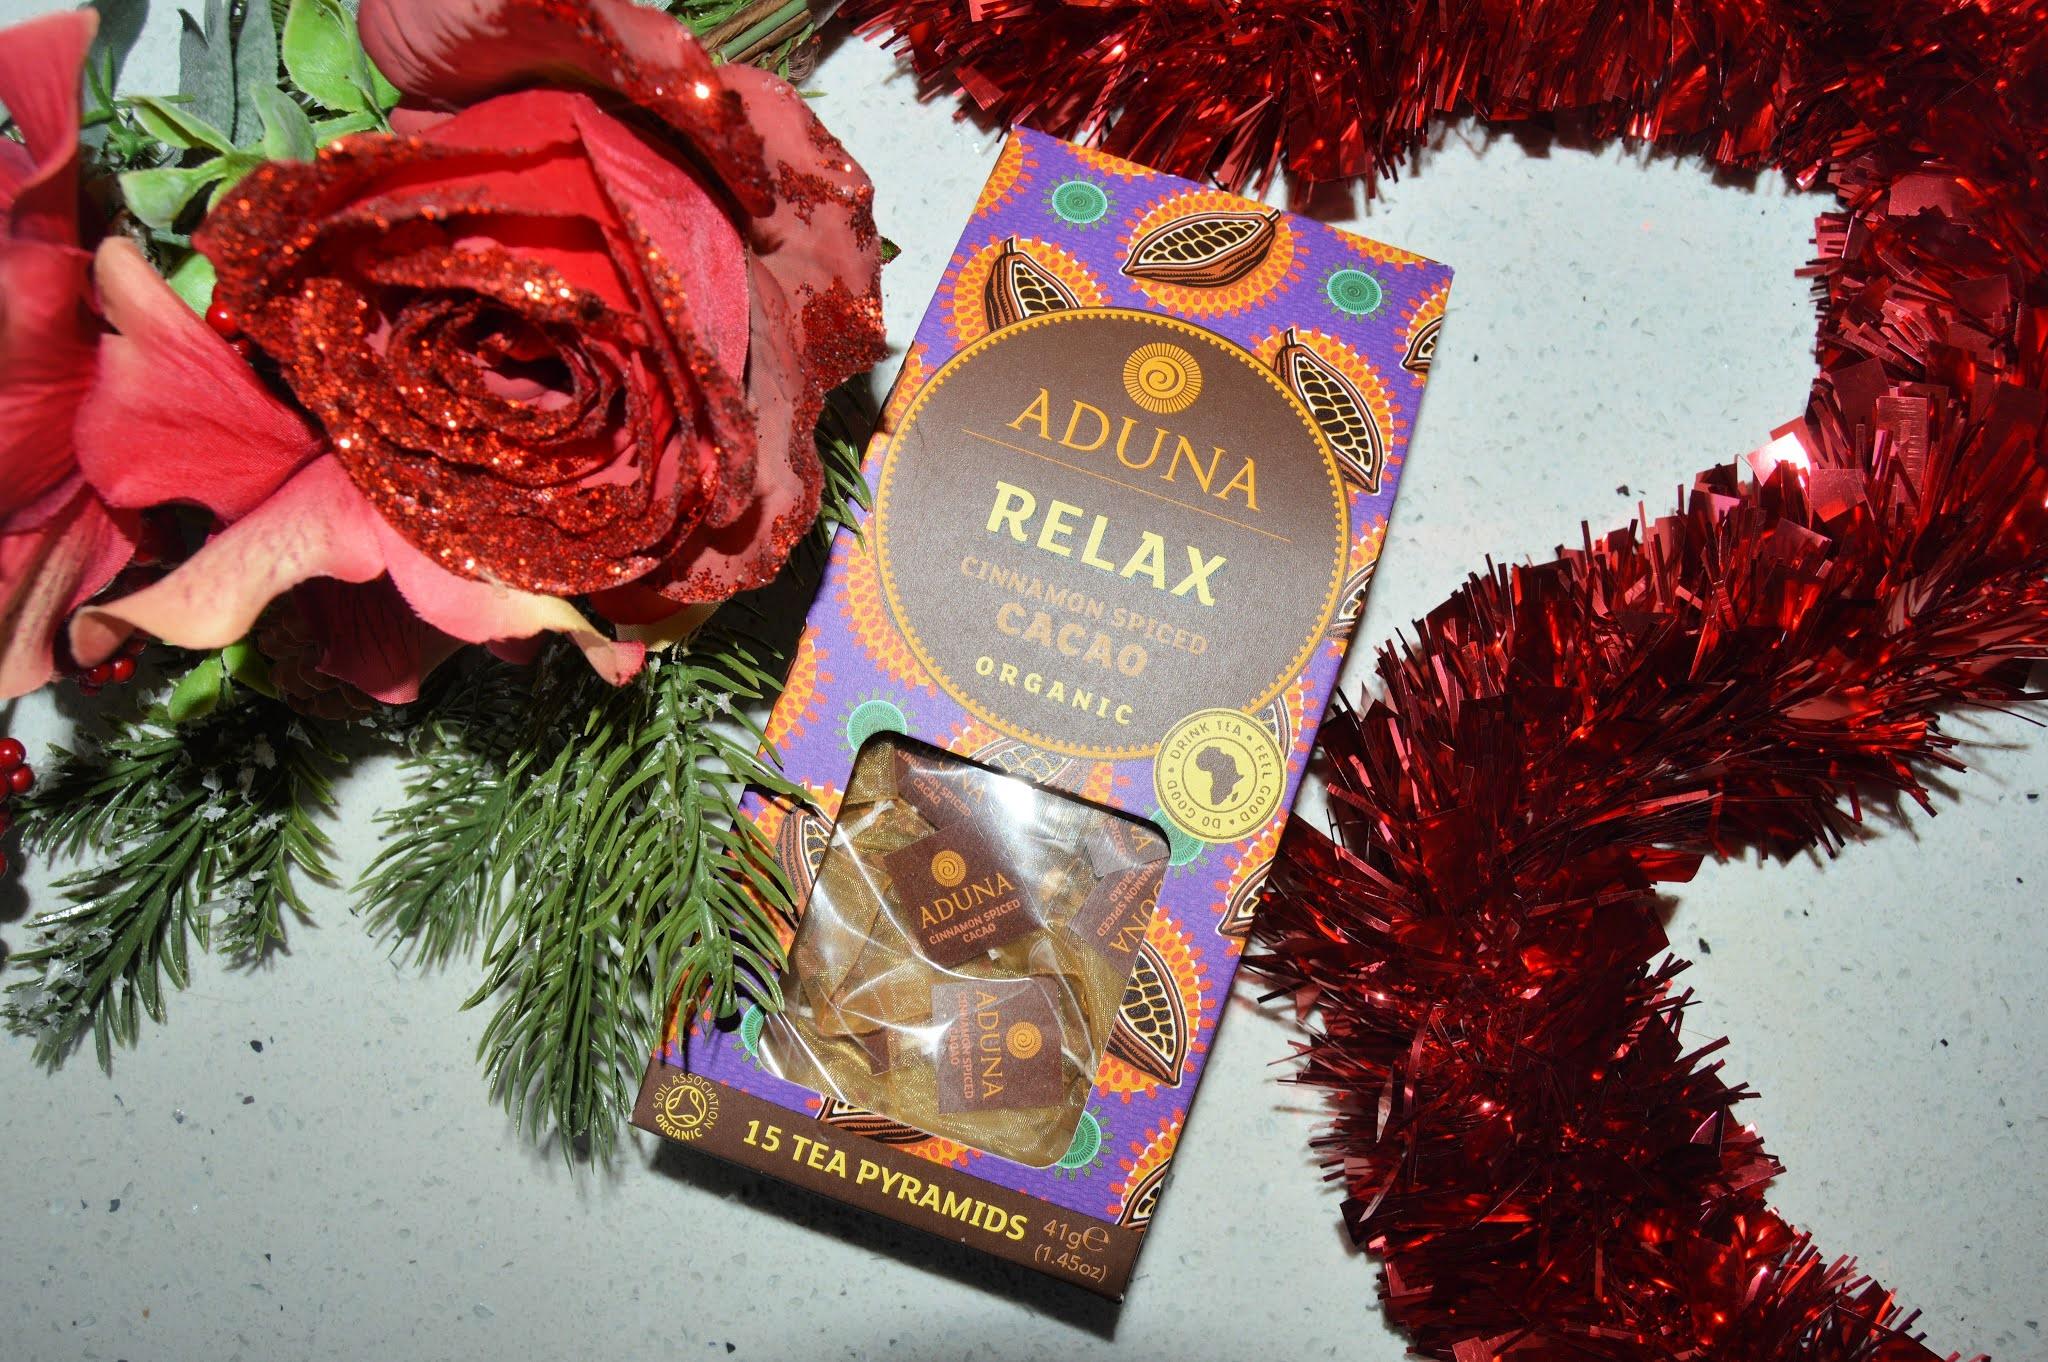 aduna relax tea